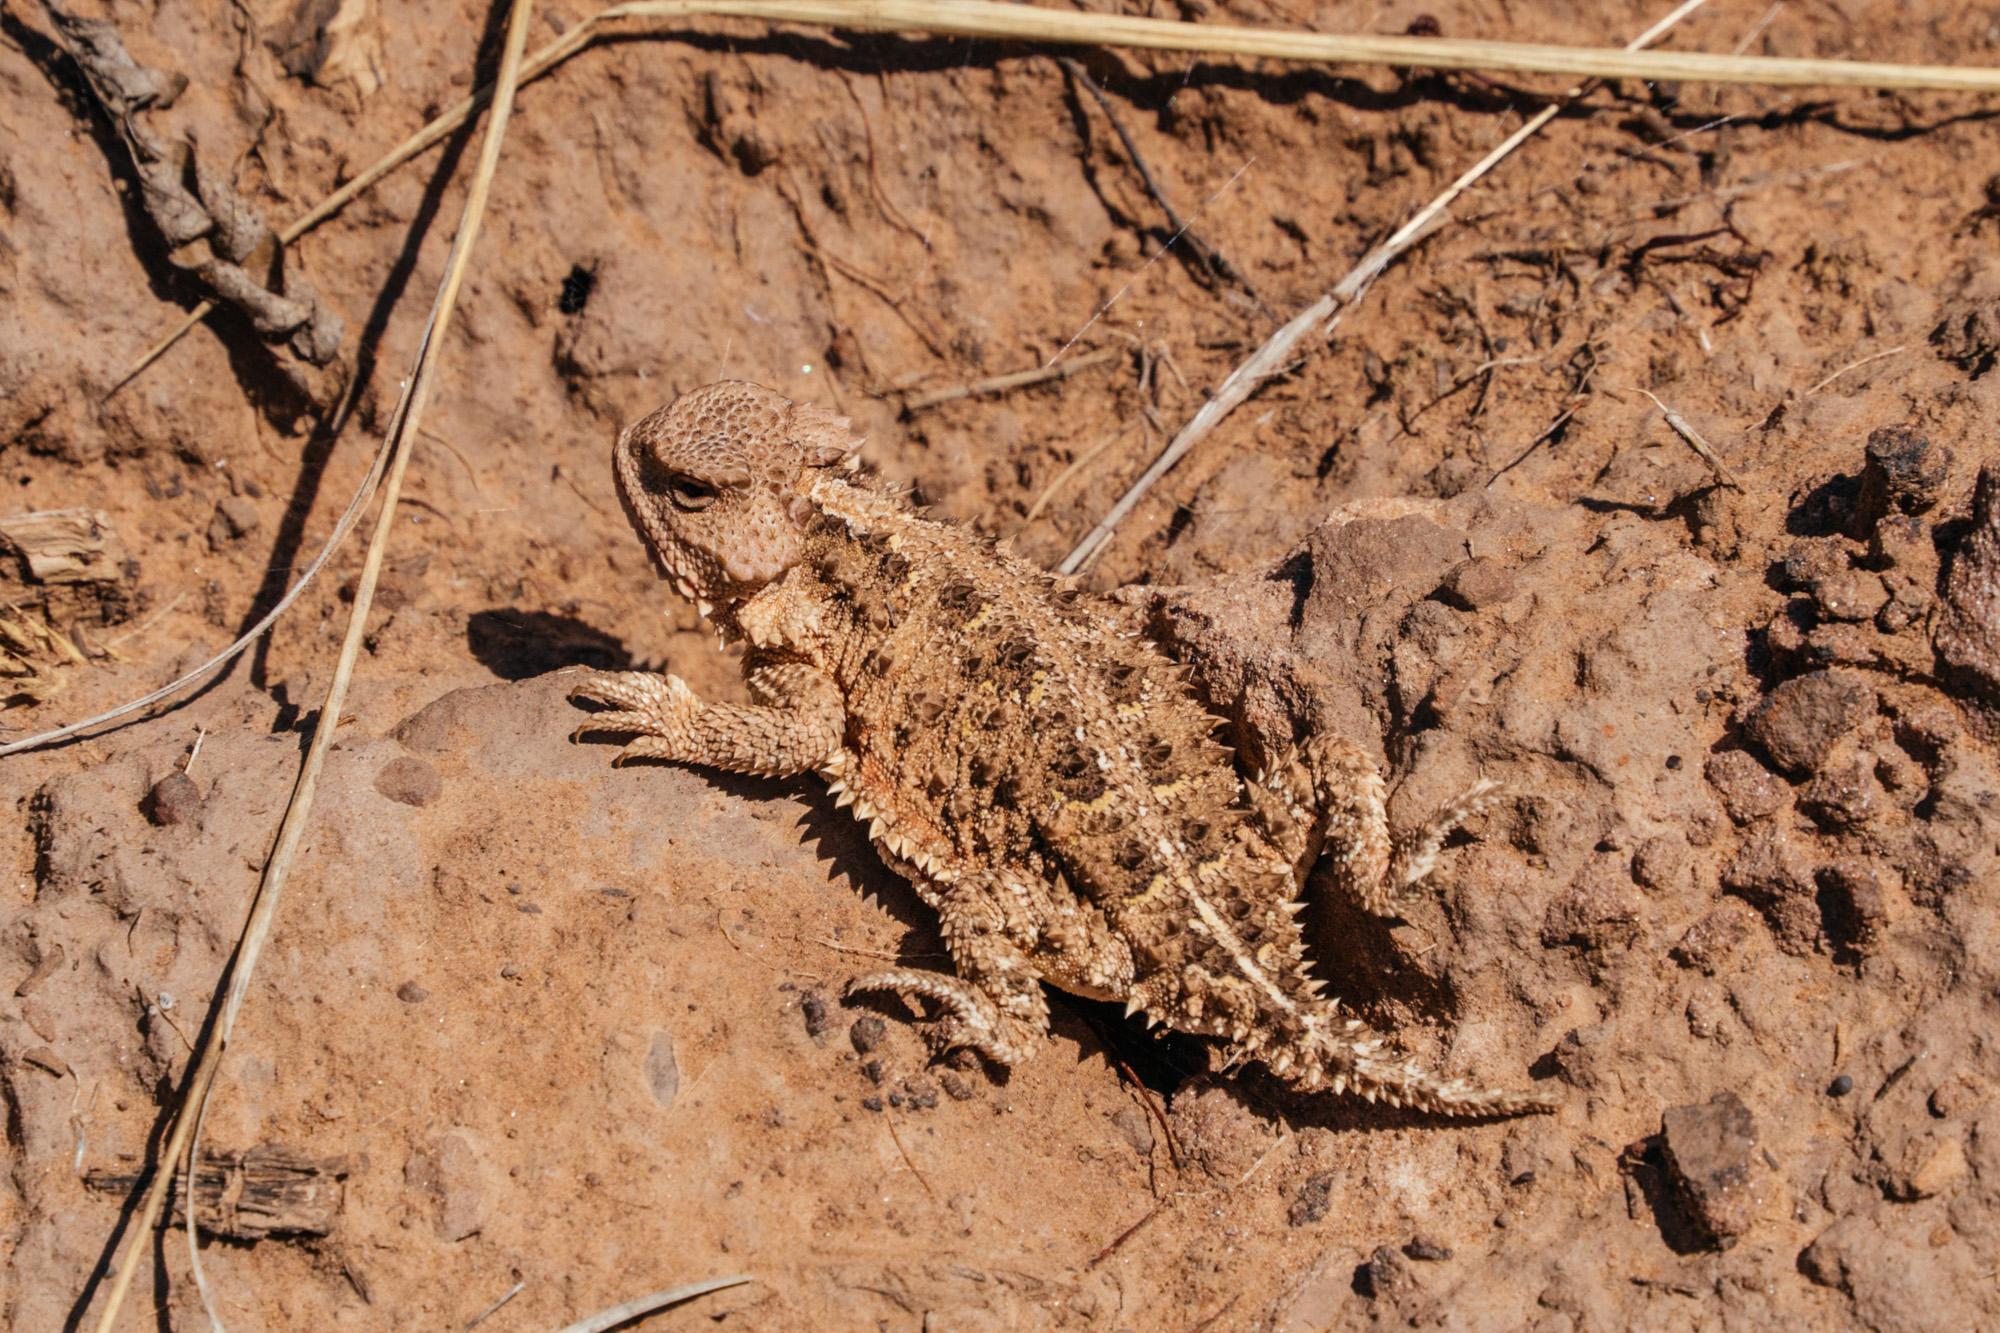 Greater short horned lizard